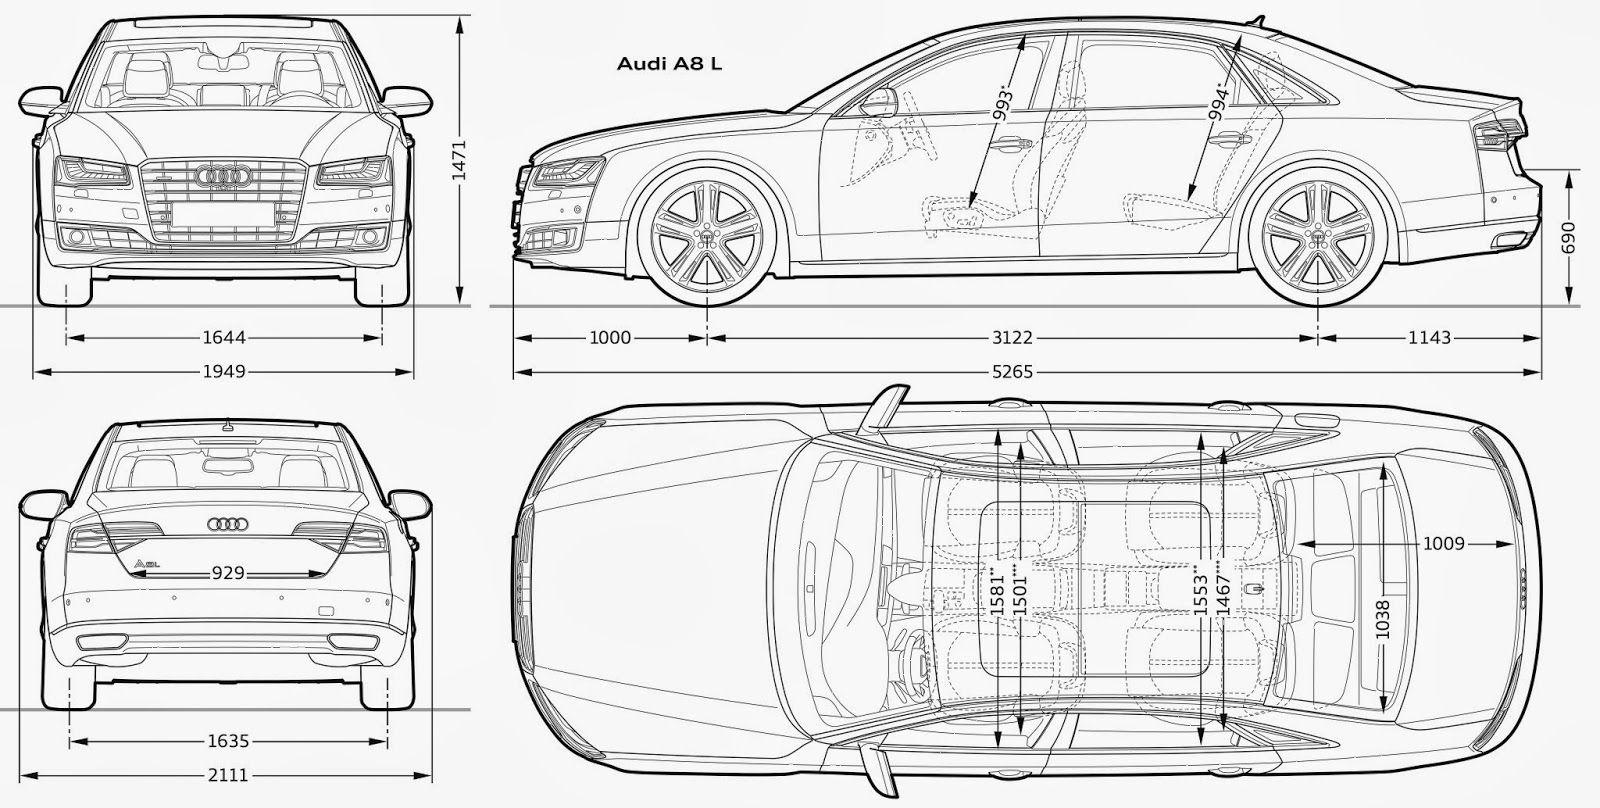 Audi A8 Blueprint Audi A8 Blueprints Audi